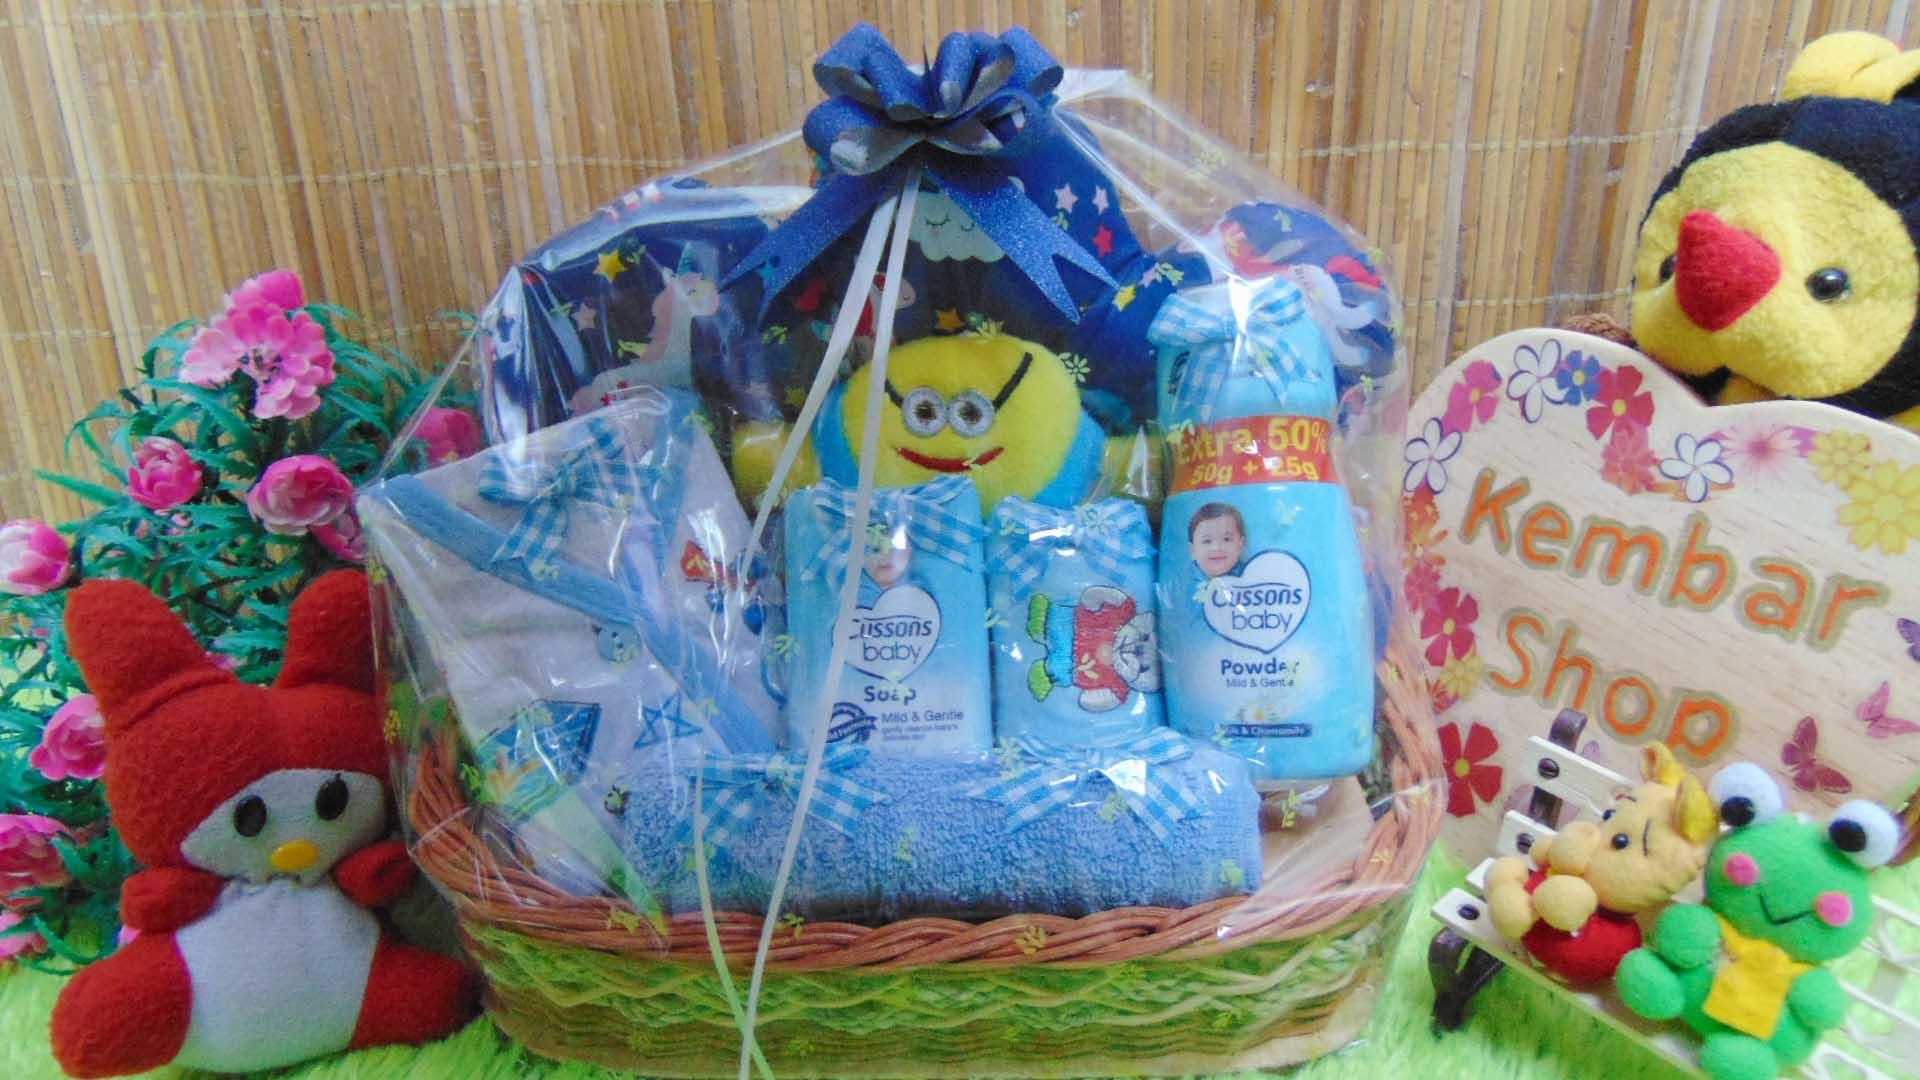 TERLARIS paket kado bayi baby gift parcel bayi parcel kado bayi kado lahiran awan komplit ANEKA WARNA (2)